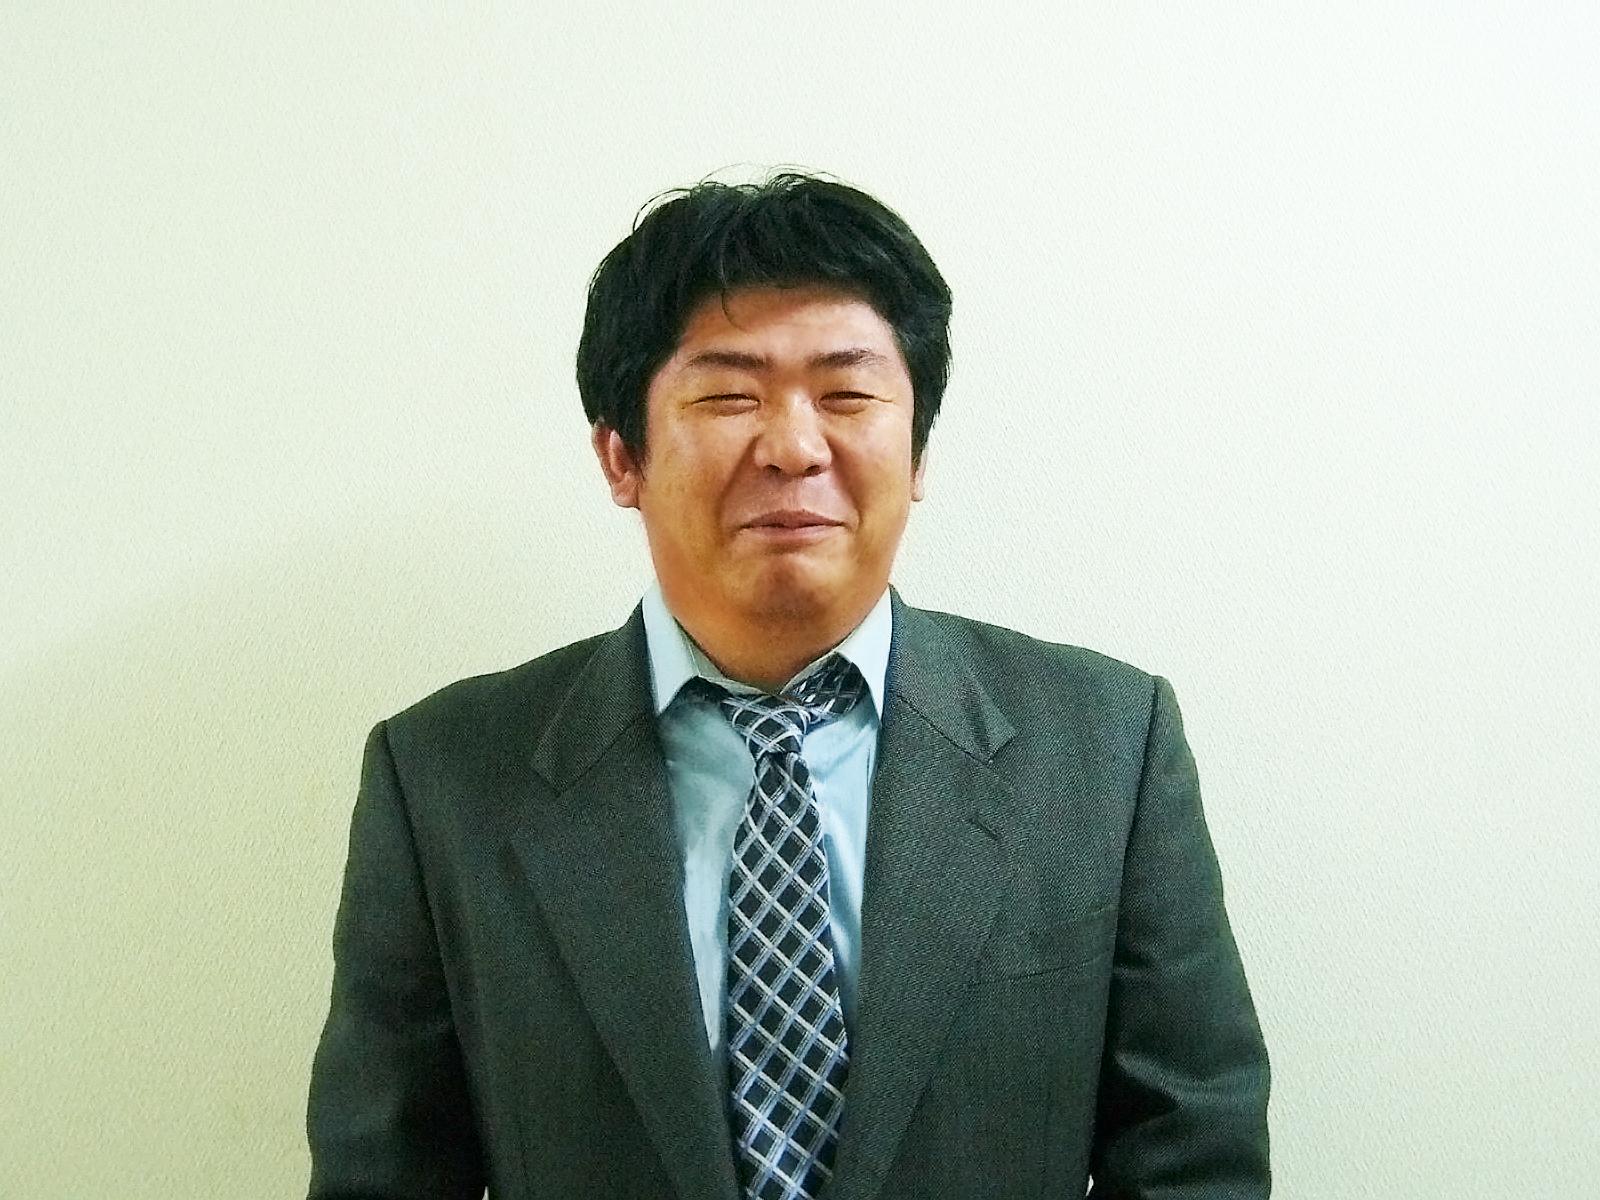 住まいるプランナー株式会社 住宅リフォーム課 武田 尚樹氏